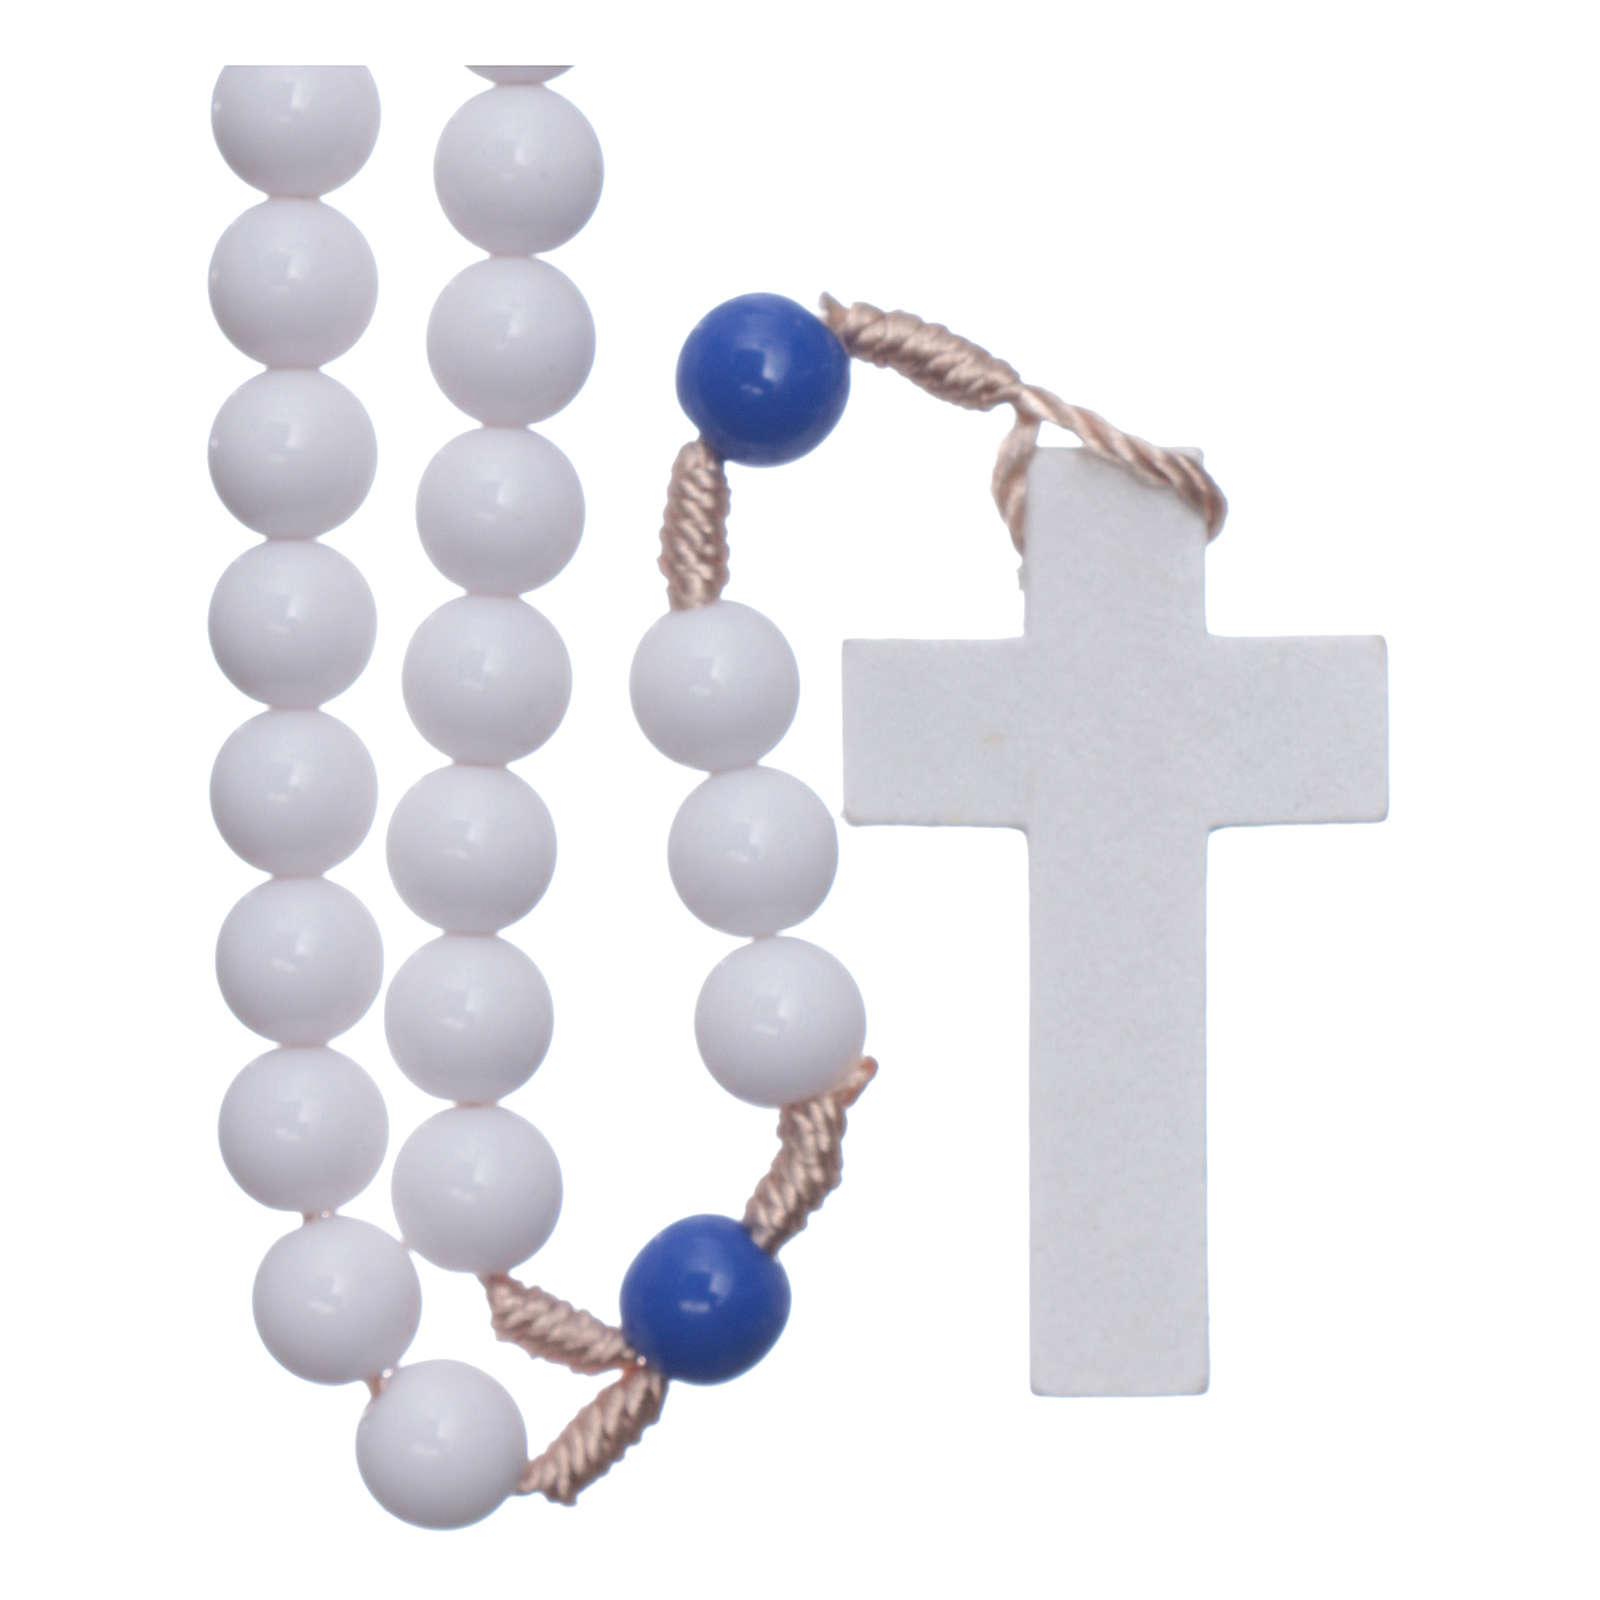 Chapelet en plastique grains blancs et pater bleus 7,5 mm corde soie  4